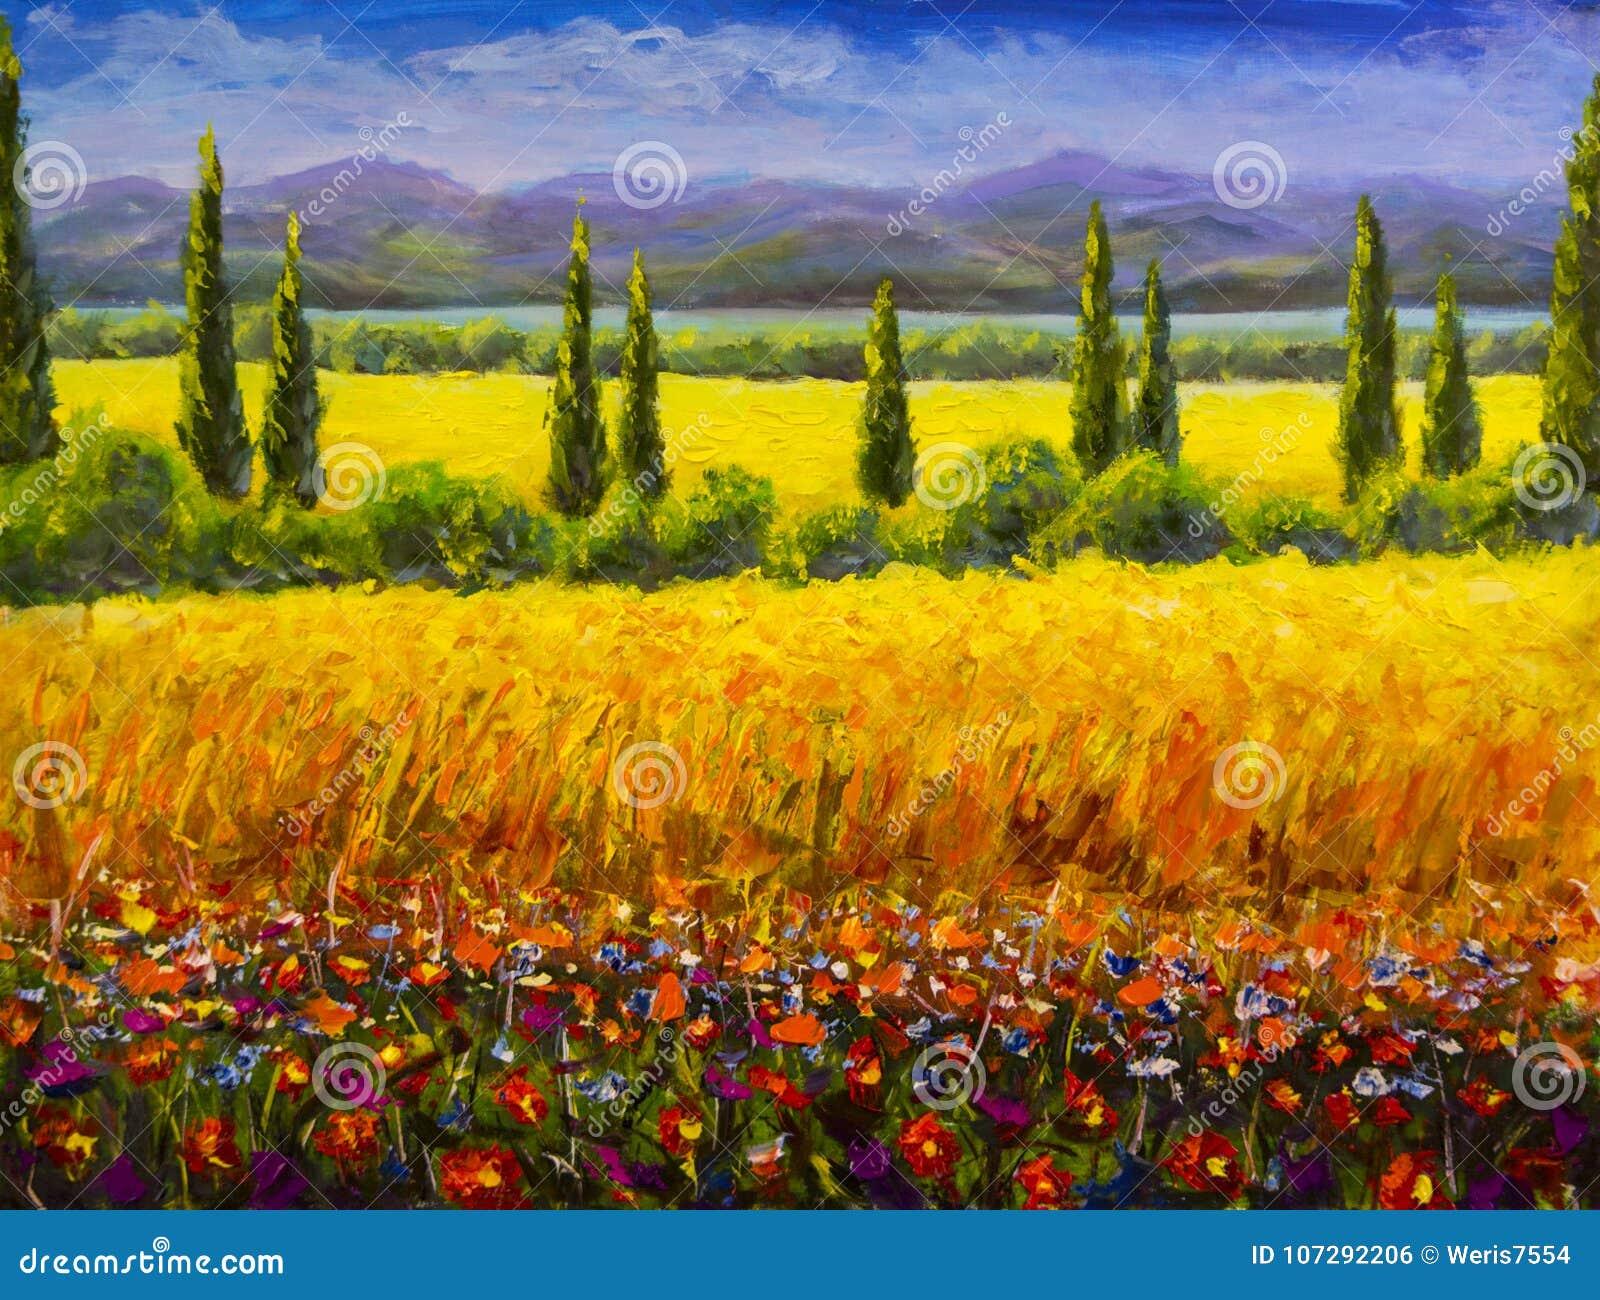 油画意大利夏天托斯卡纳风景、绿色柏灌木、黄色领域、红色花、山和蓝天艺术品o